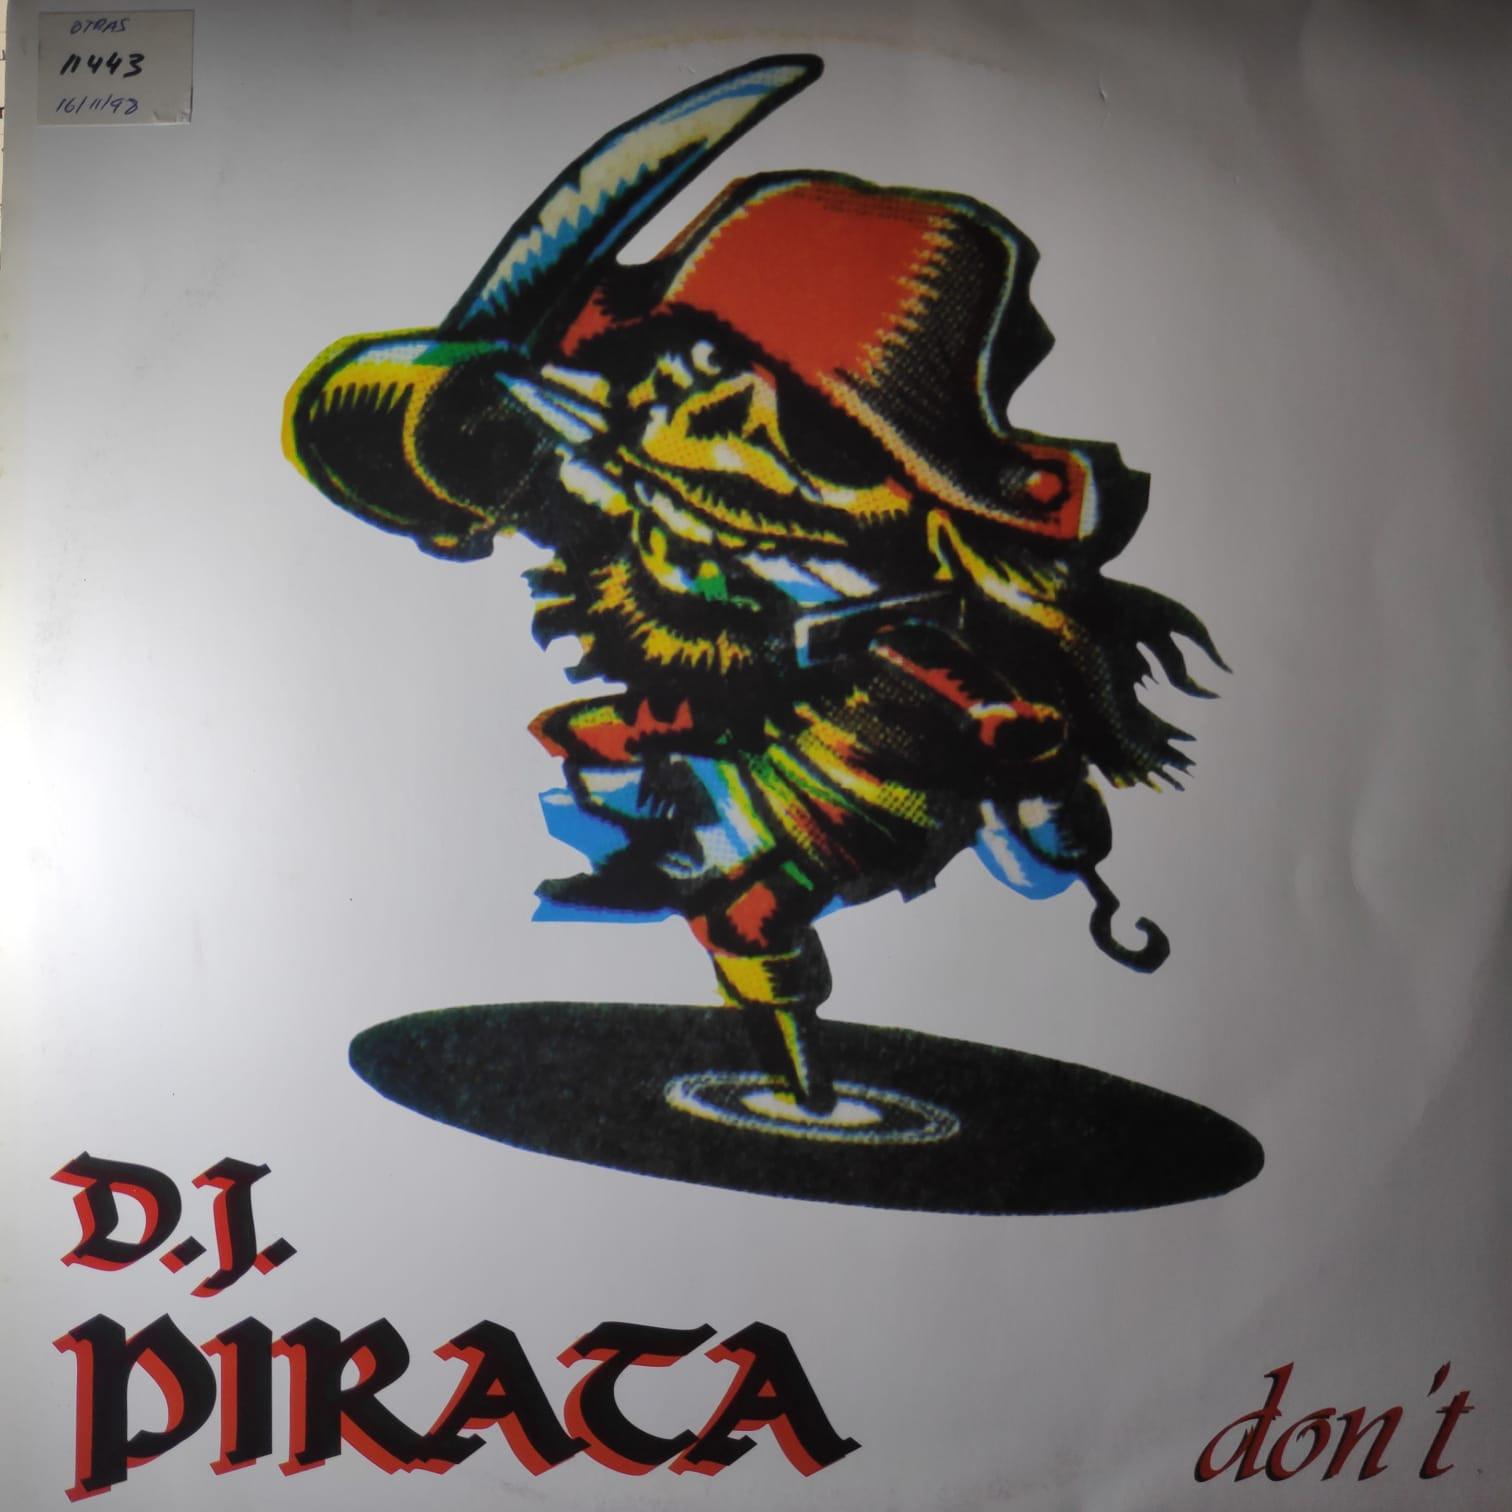 (FR179) D.J.Pirata – Don't